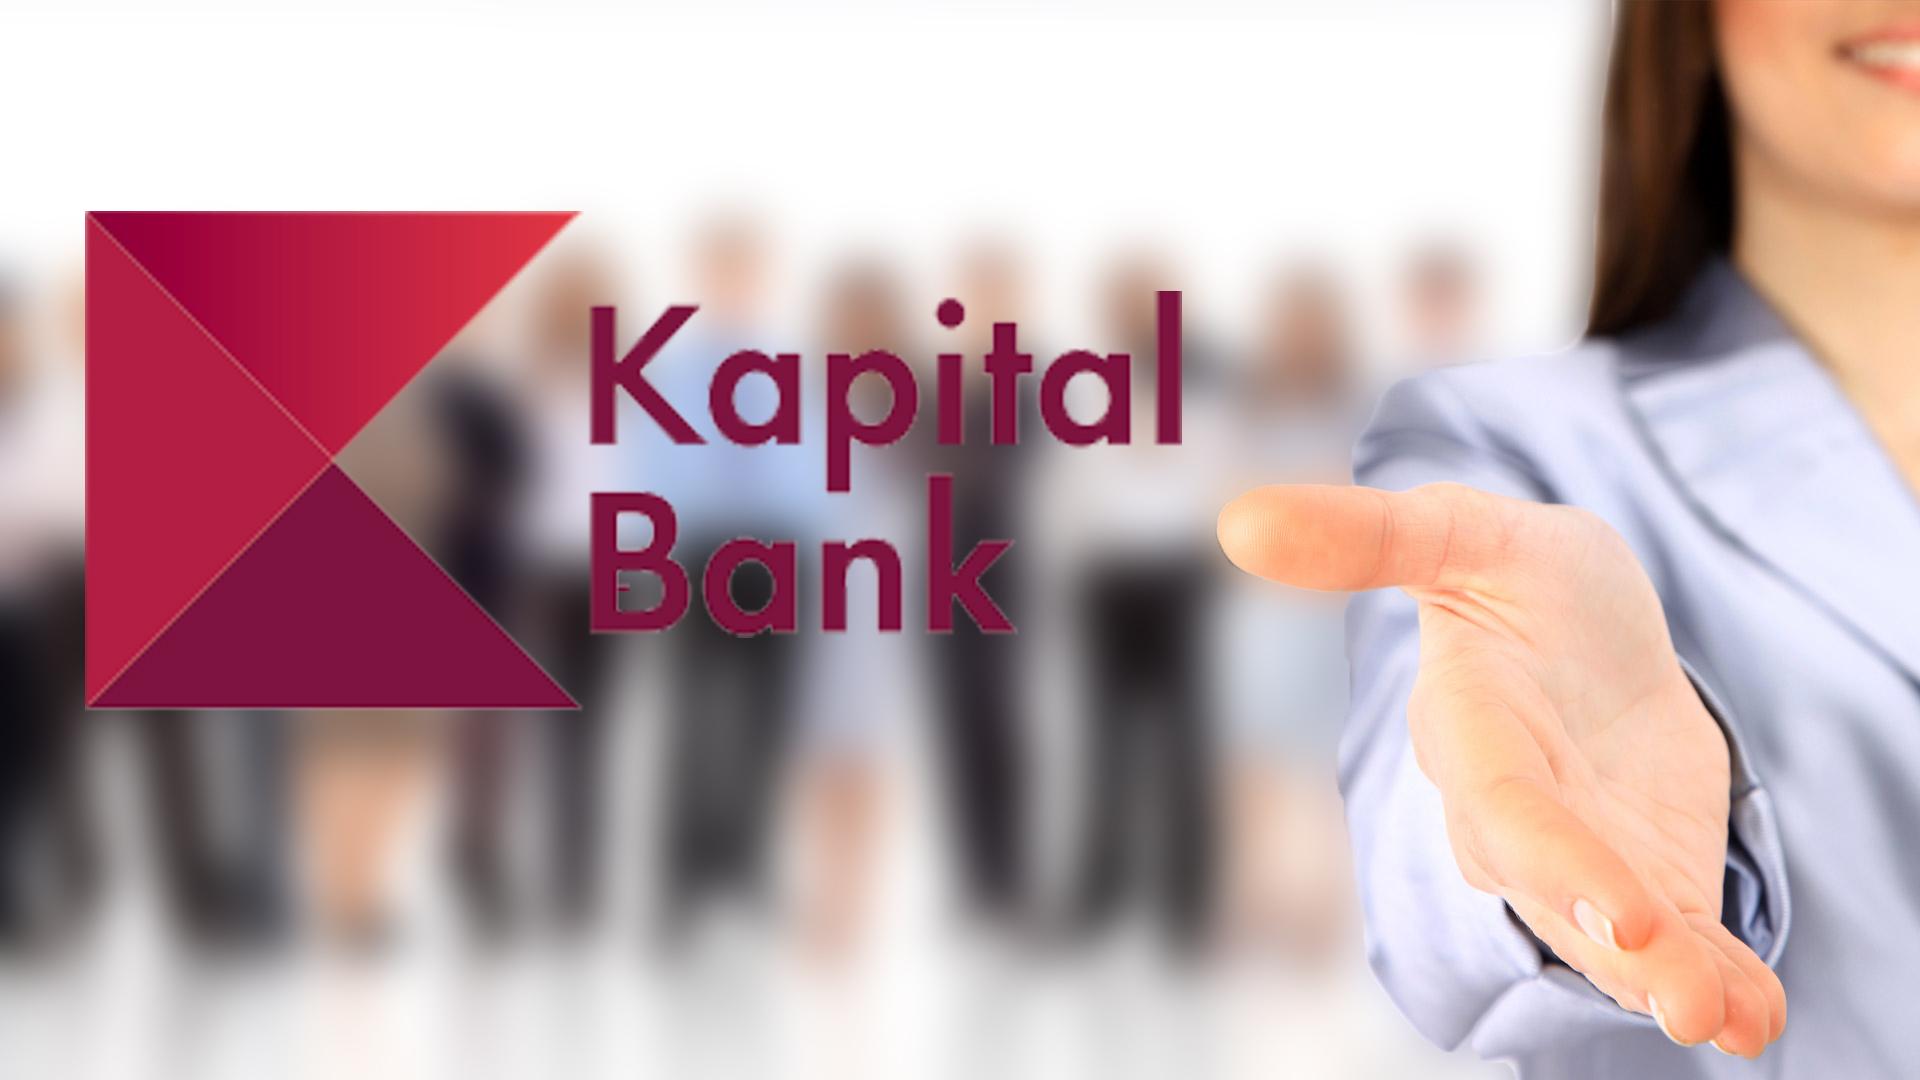 Kapital Bank-da İŞ VAR! - Vakansiya